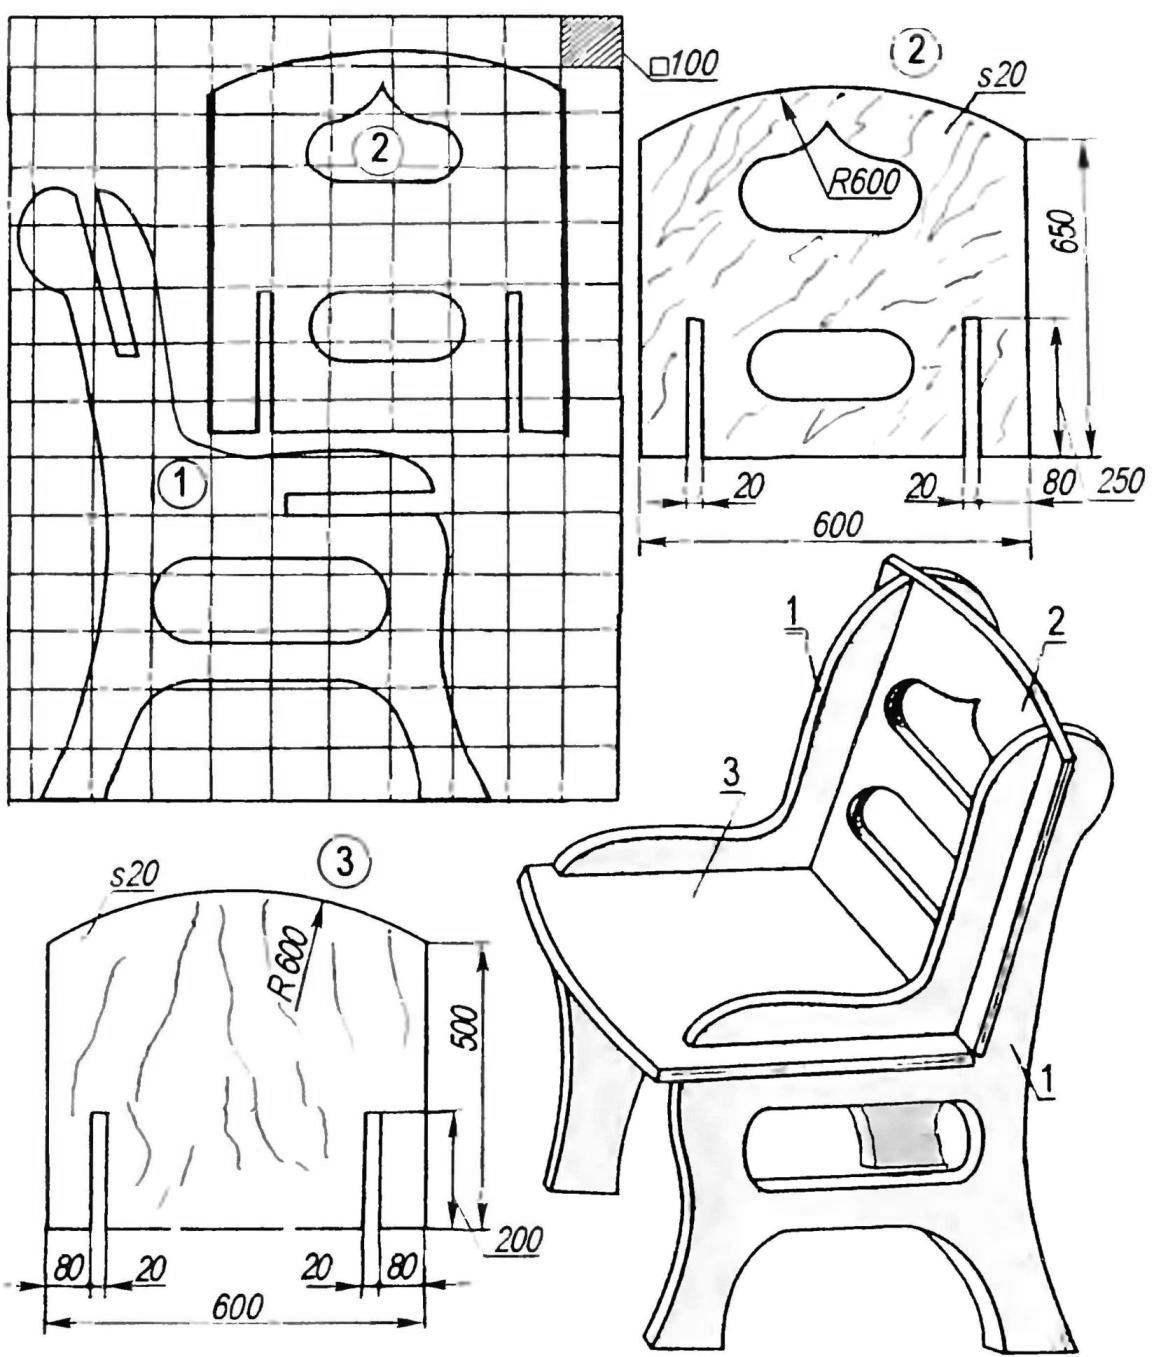 Стол для лобзика своими руками чертежи трафареты